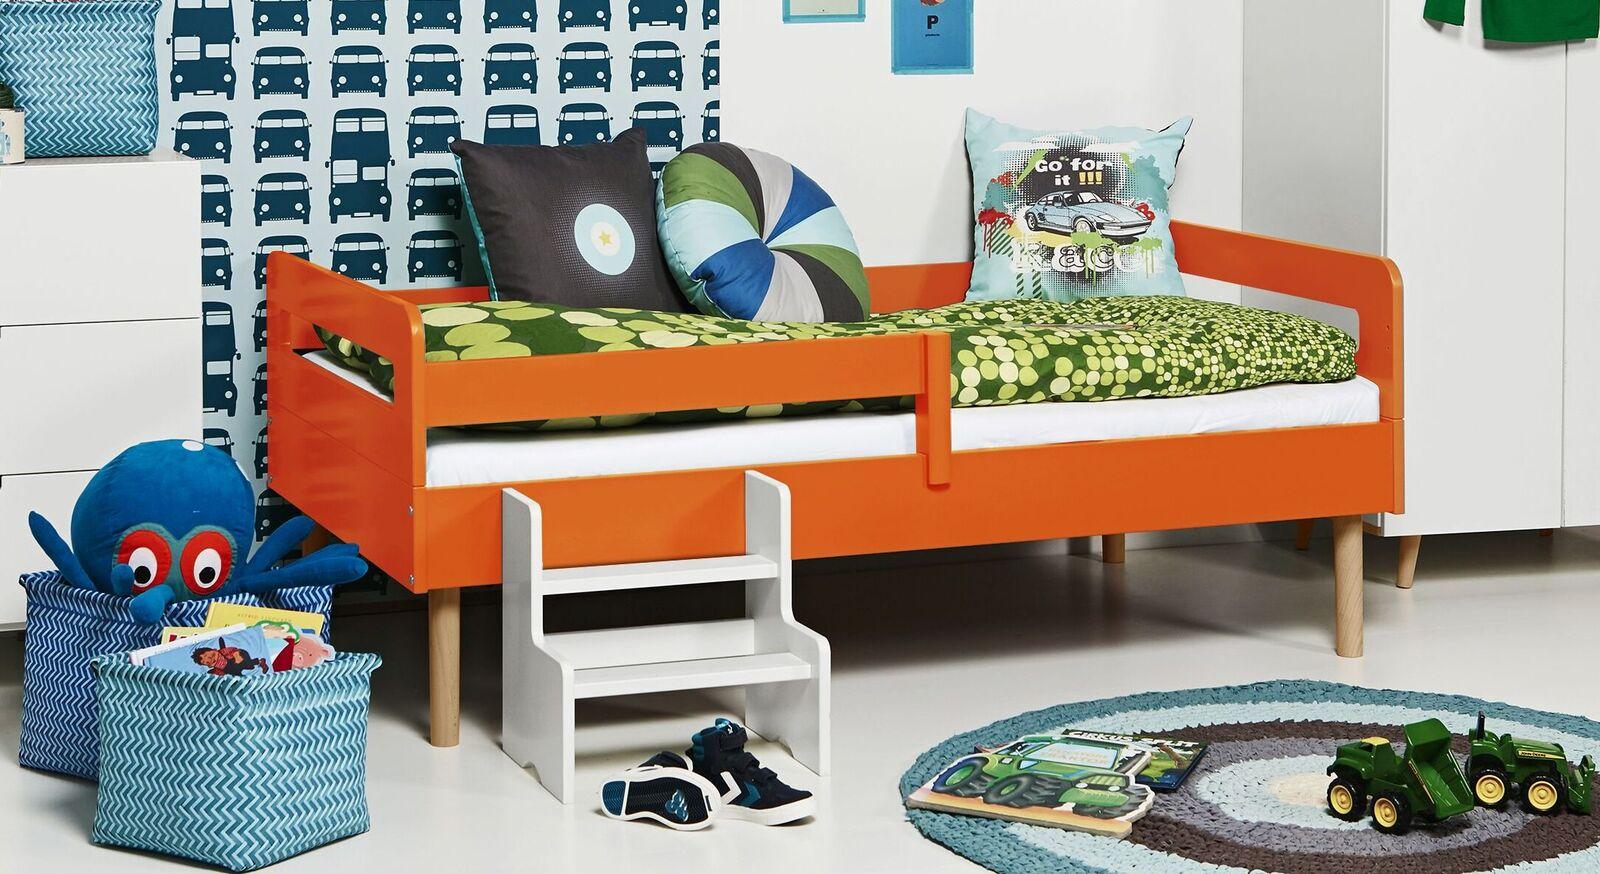 Modernes Kinderbett Kids Town Retro aus orangenem MDF